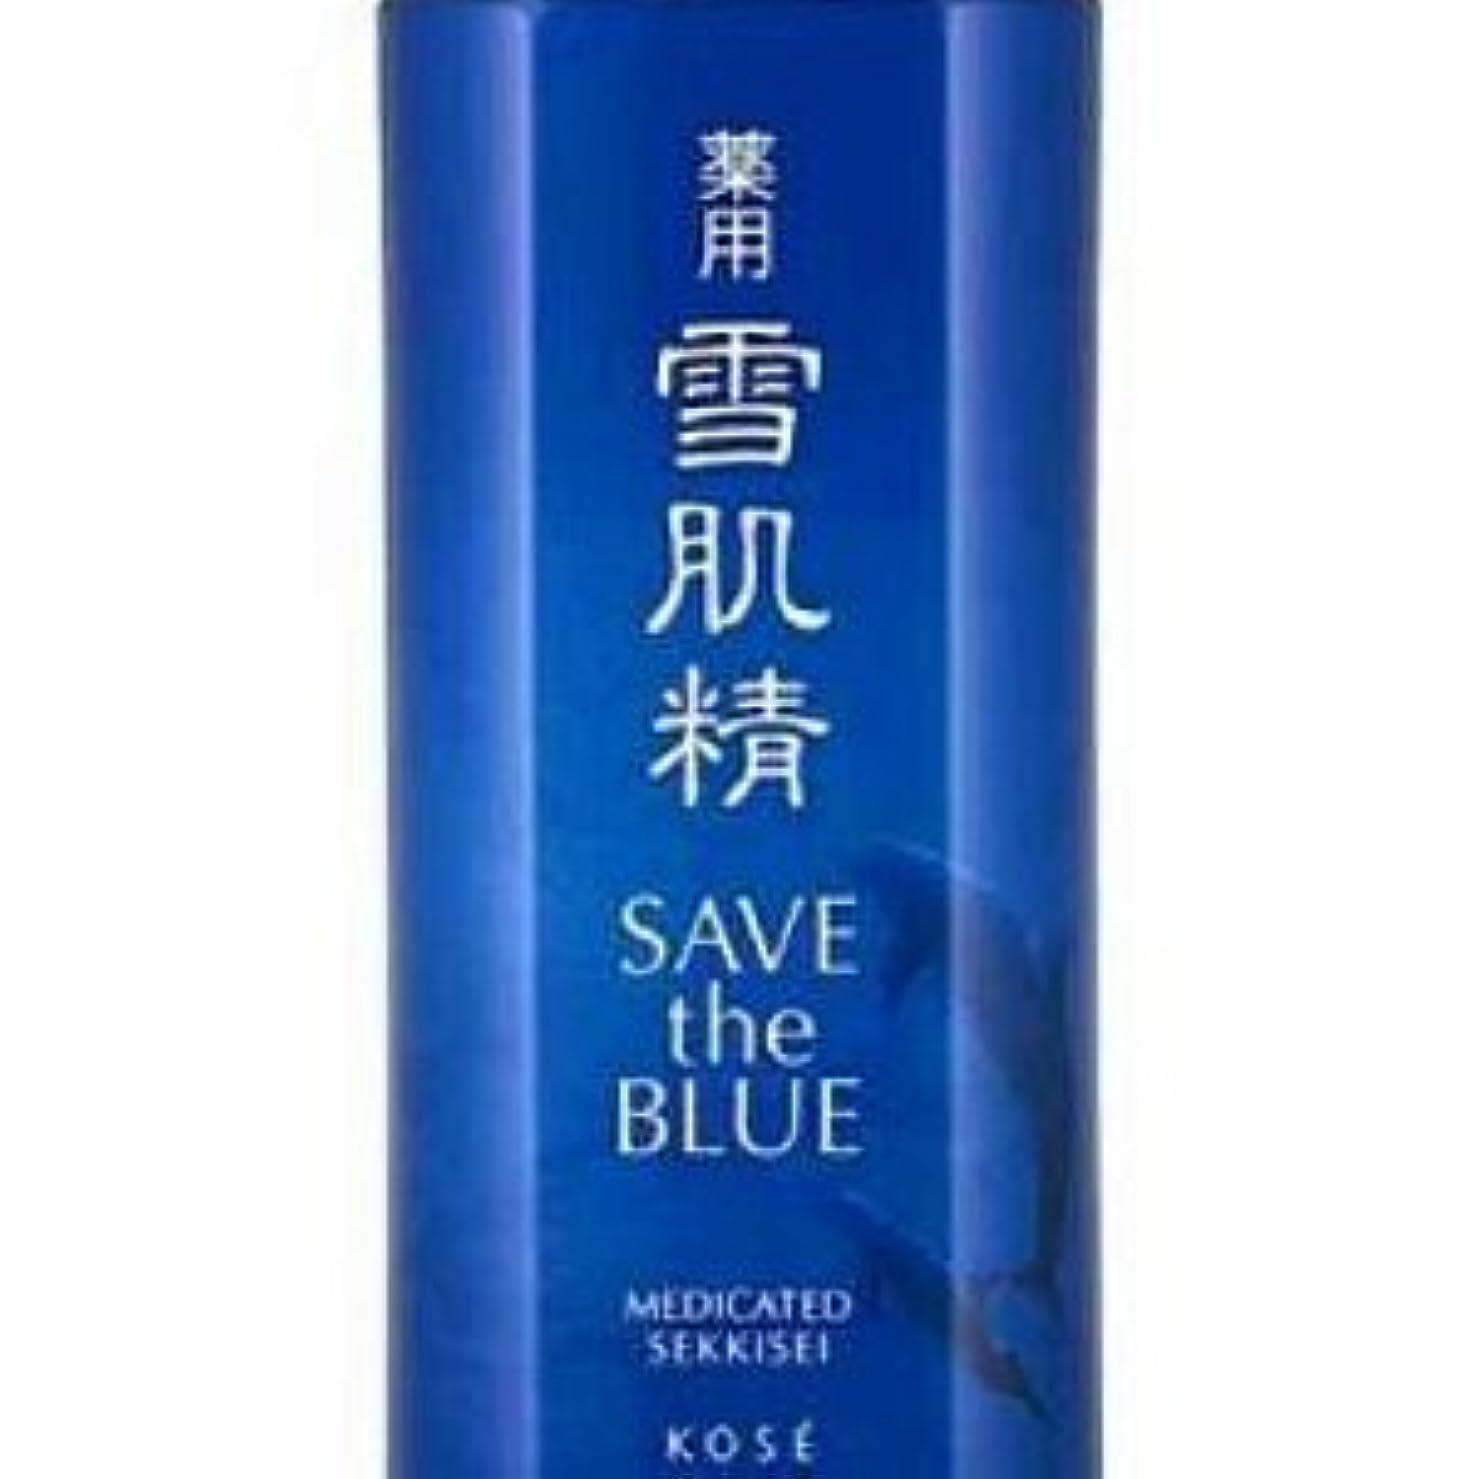 気味の悪いクロス規模コーセー 薬用雪肌精 化粧水 ディスペンサー付限定ボトル 500ml アウトレット